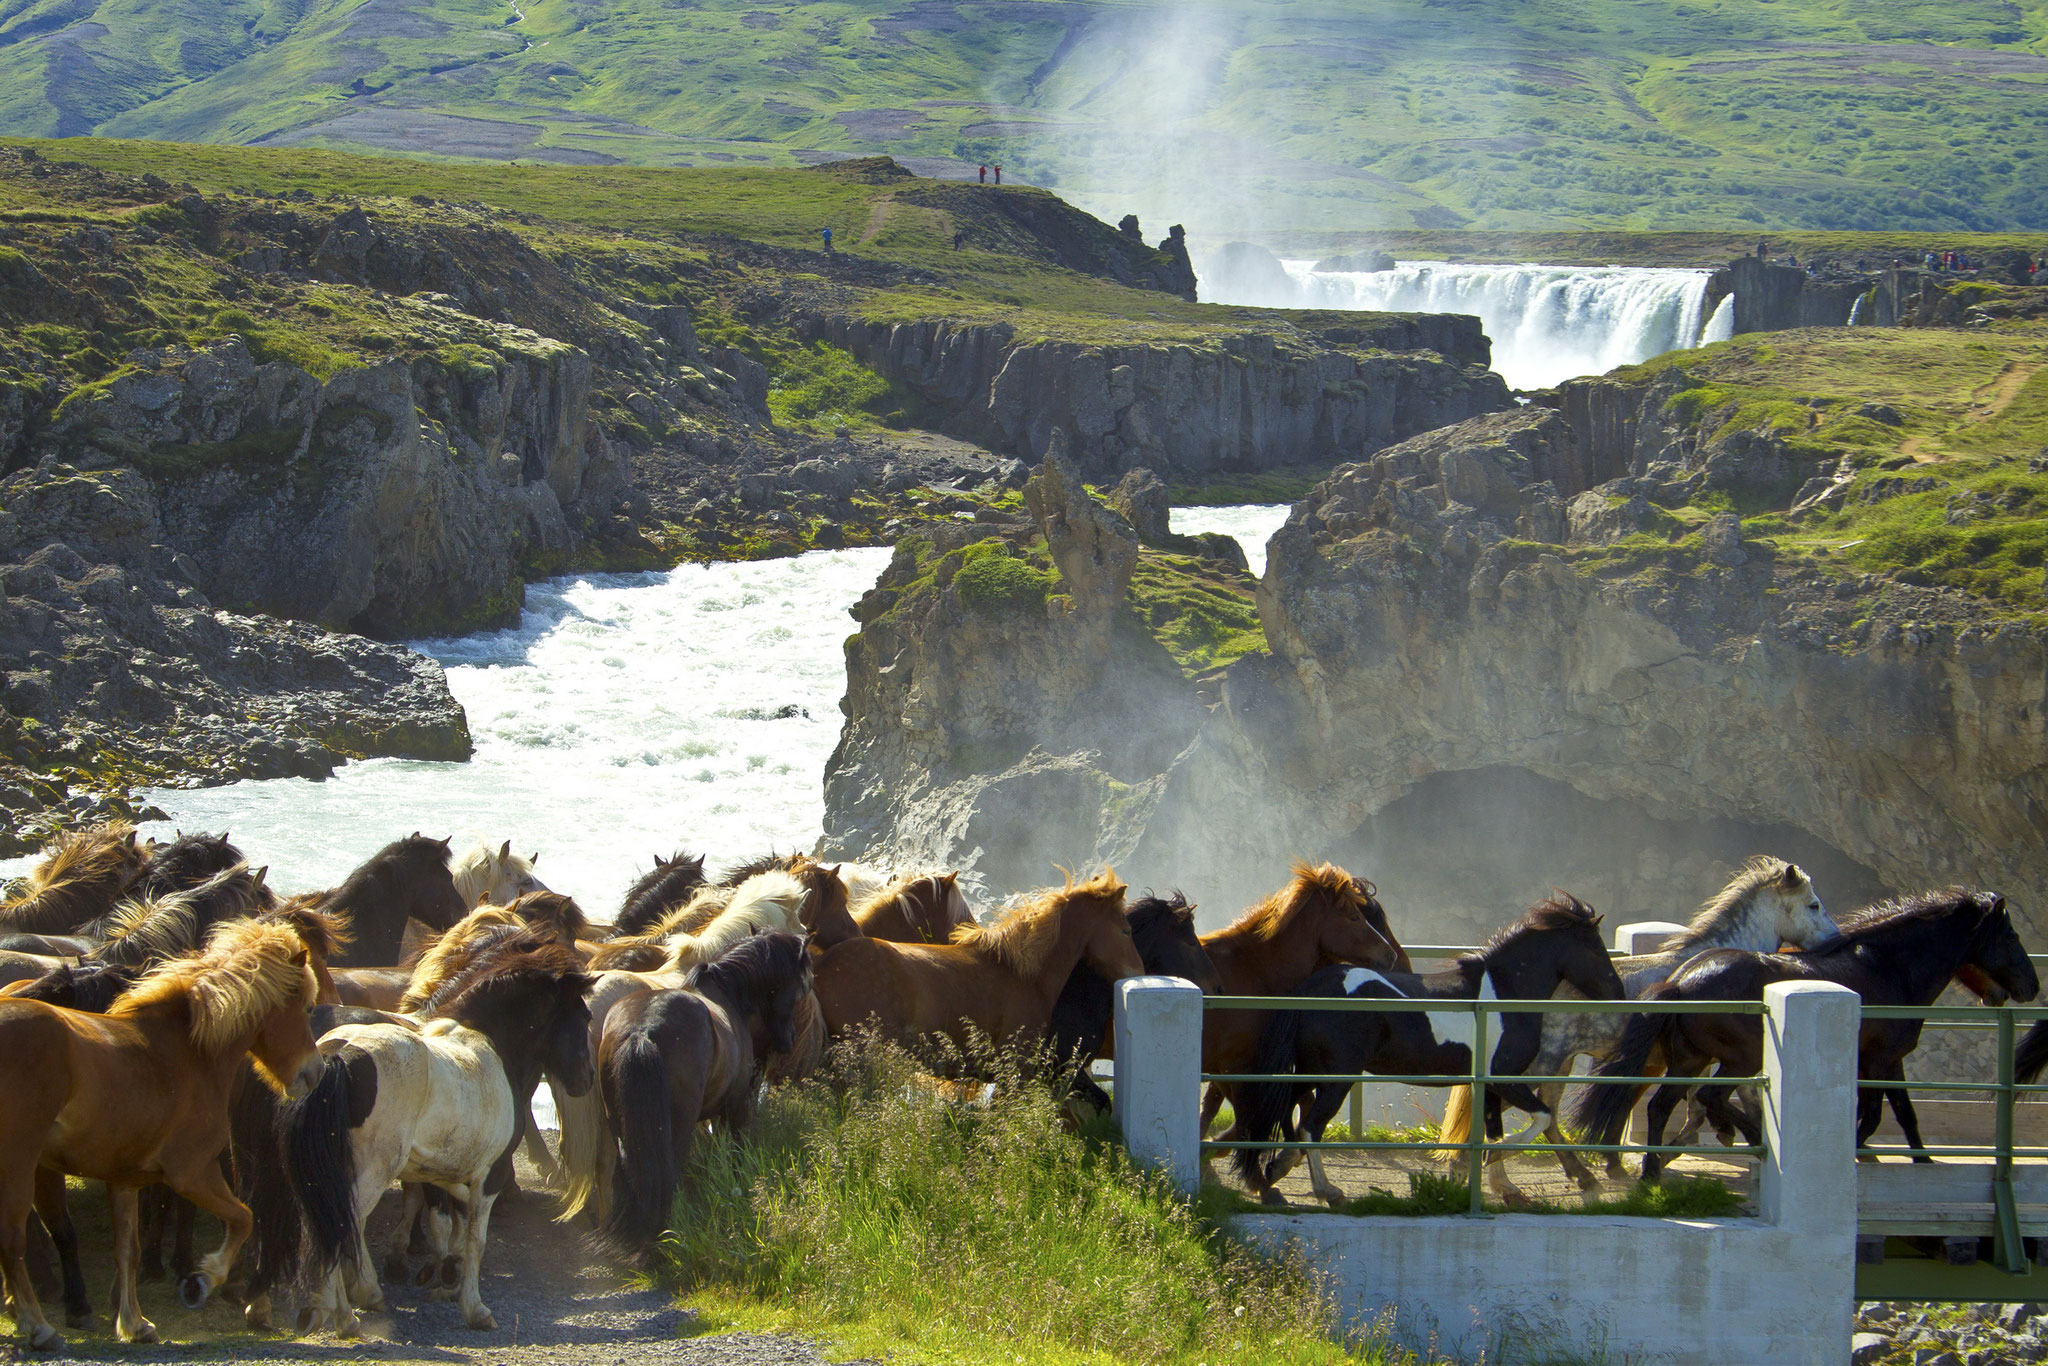 © Hans G. Lehmann | Islandpferde am Wasserfall Godafoss, Island